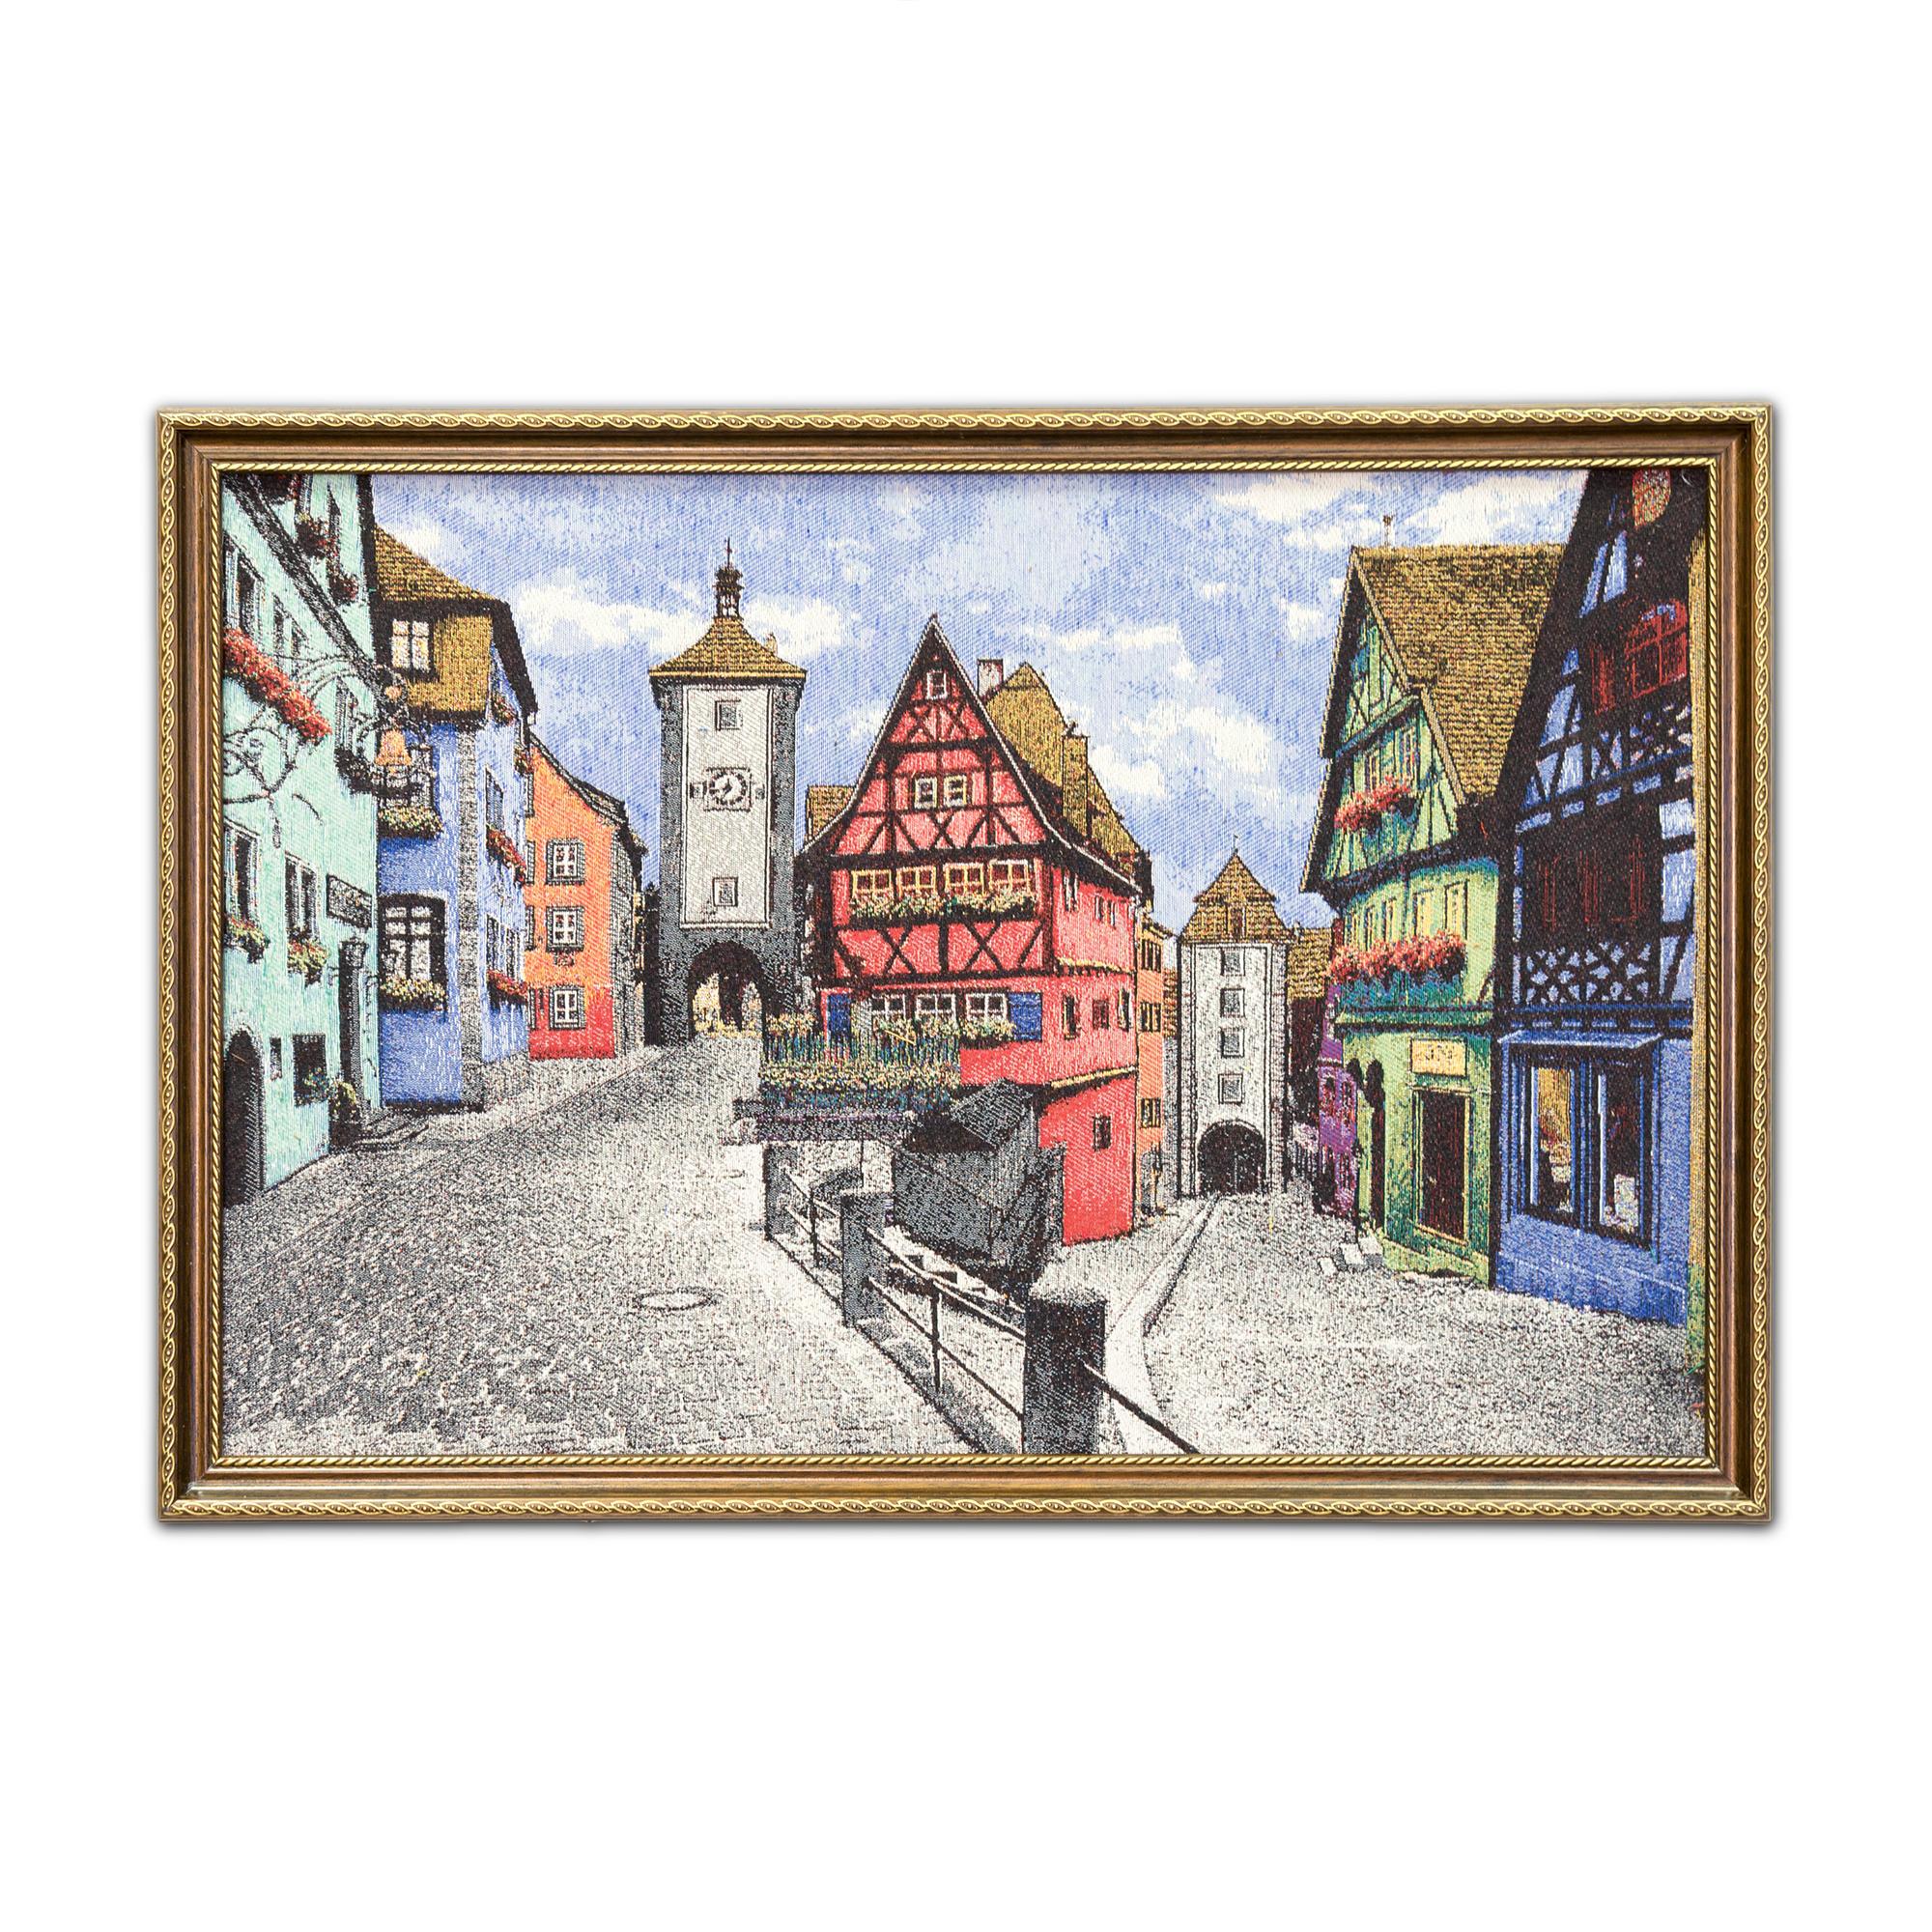 Картина Магазин гобеленов Гент 45*65 см, коричневый venierll коричневый цвет 65